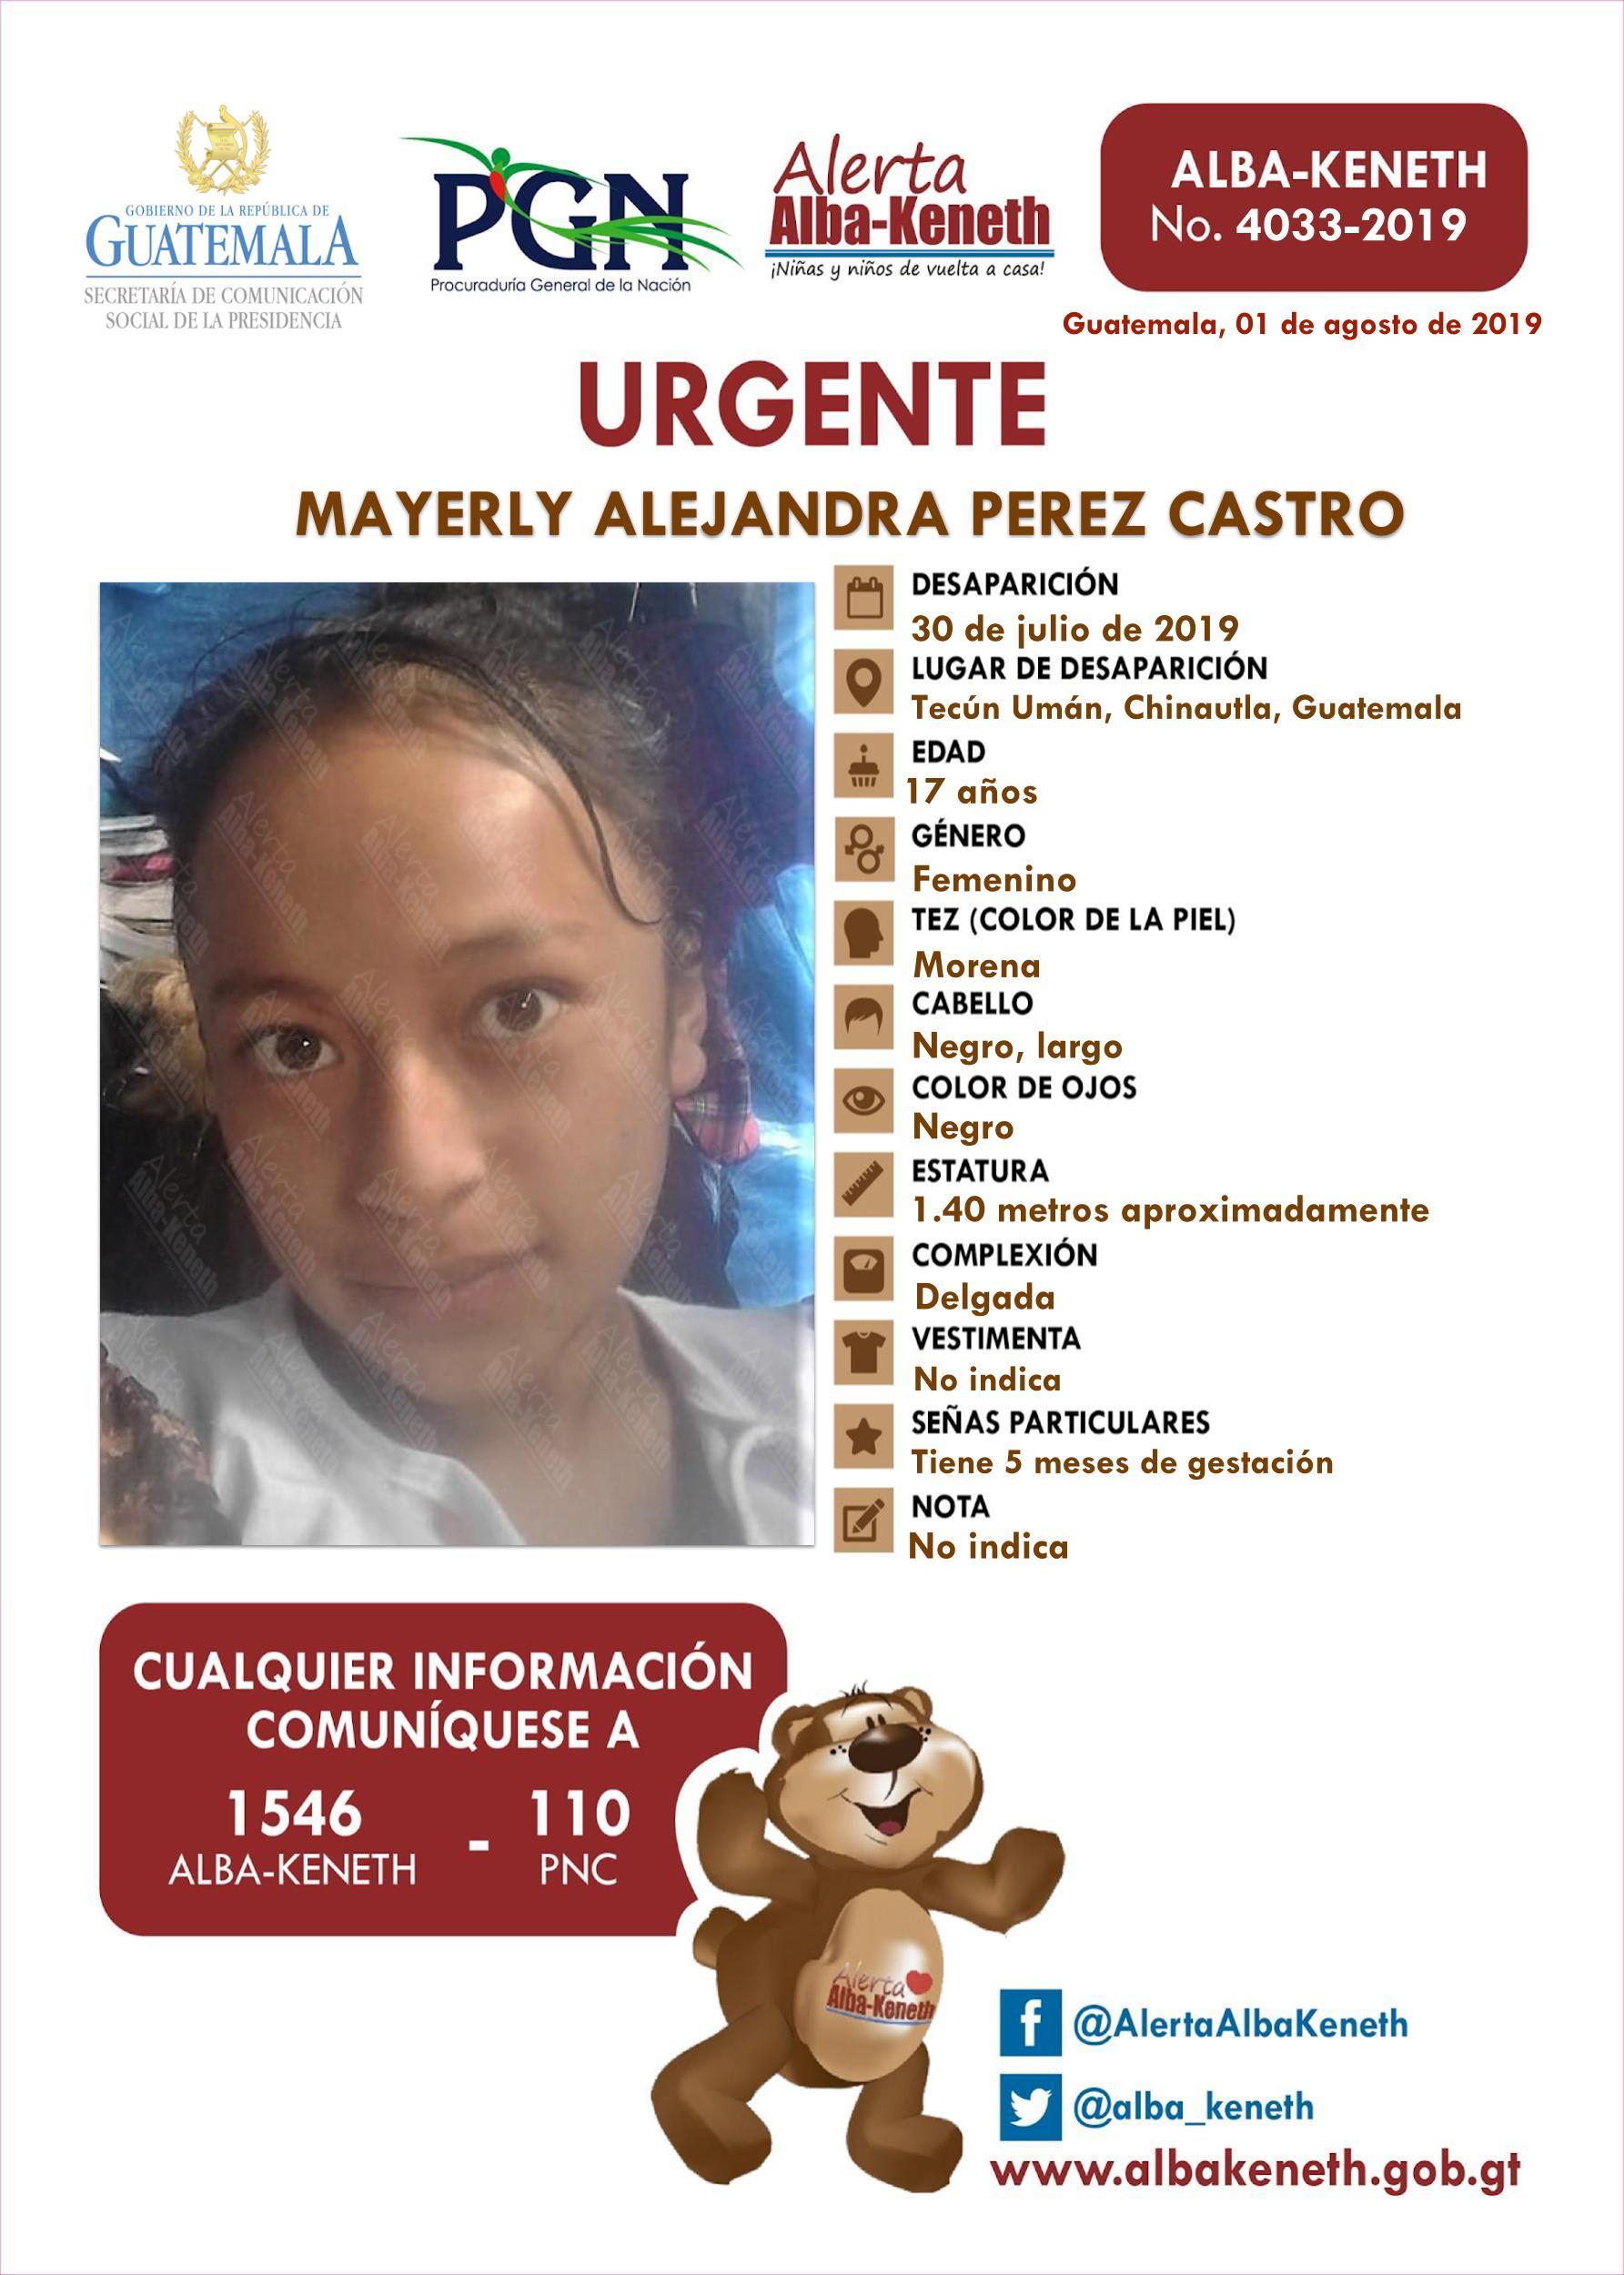 Mayerly Alejandra Perez Castro